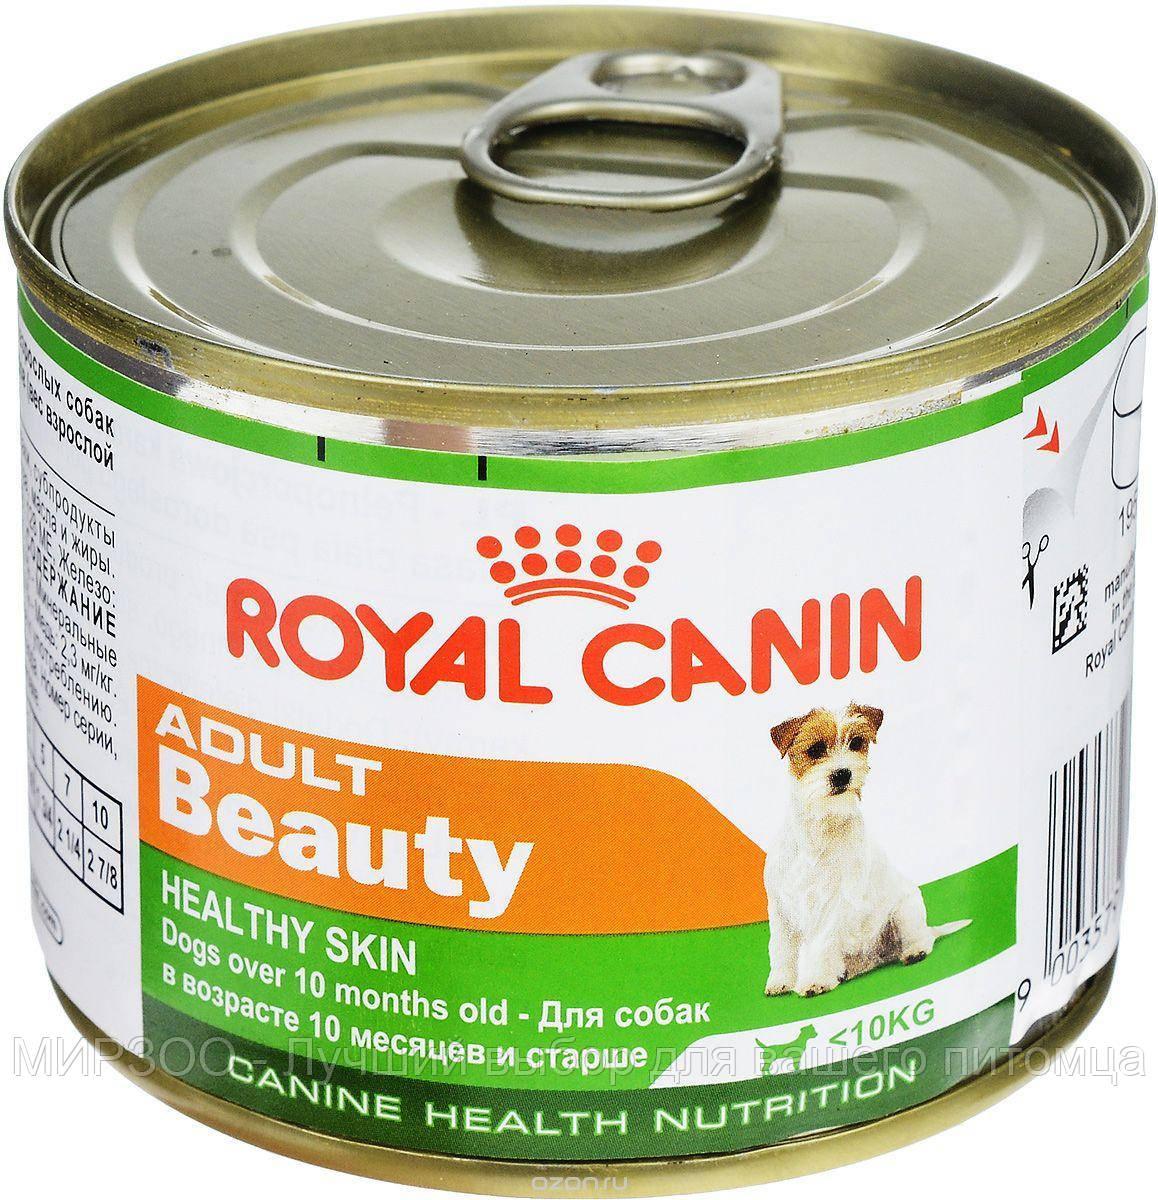 Влажный корм Royal Canin Adult Beauty для собак 0.195КГ